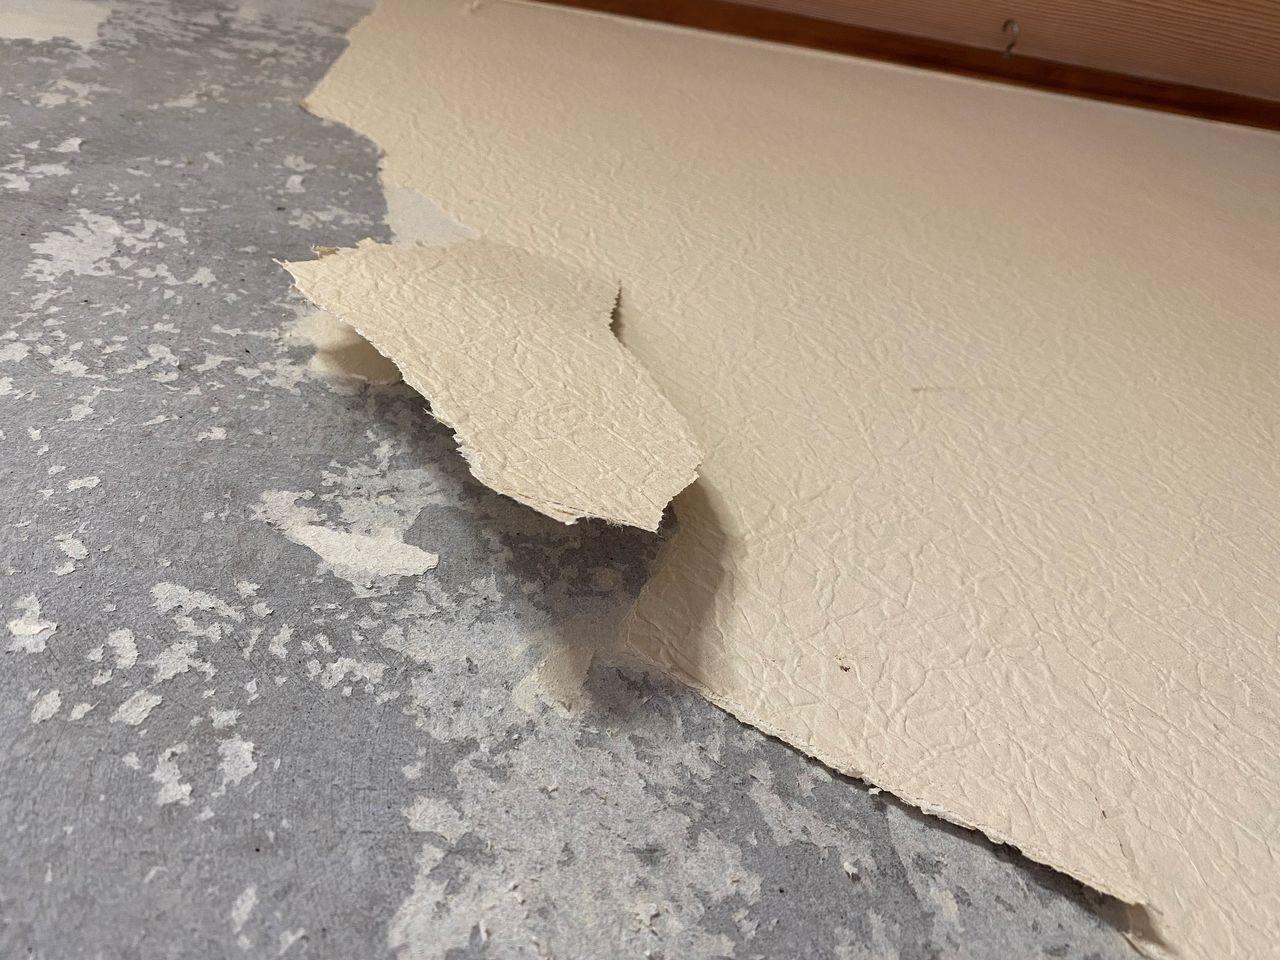 みなさまこんにちは。『第二藤マンションのリノベーション~その8~』の続きです。大工さんの床はり&補修作業が終わり、次はクロス屋さんが壁紙をはがしてくれています。